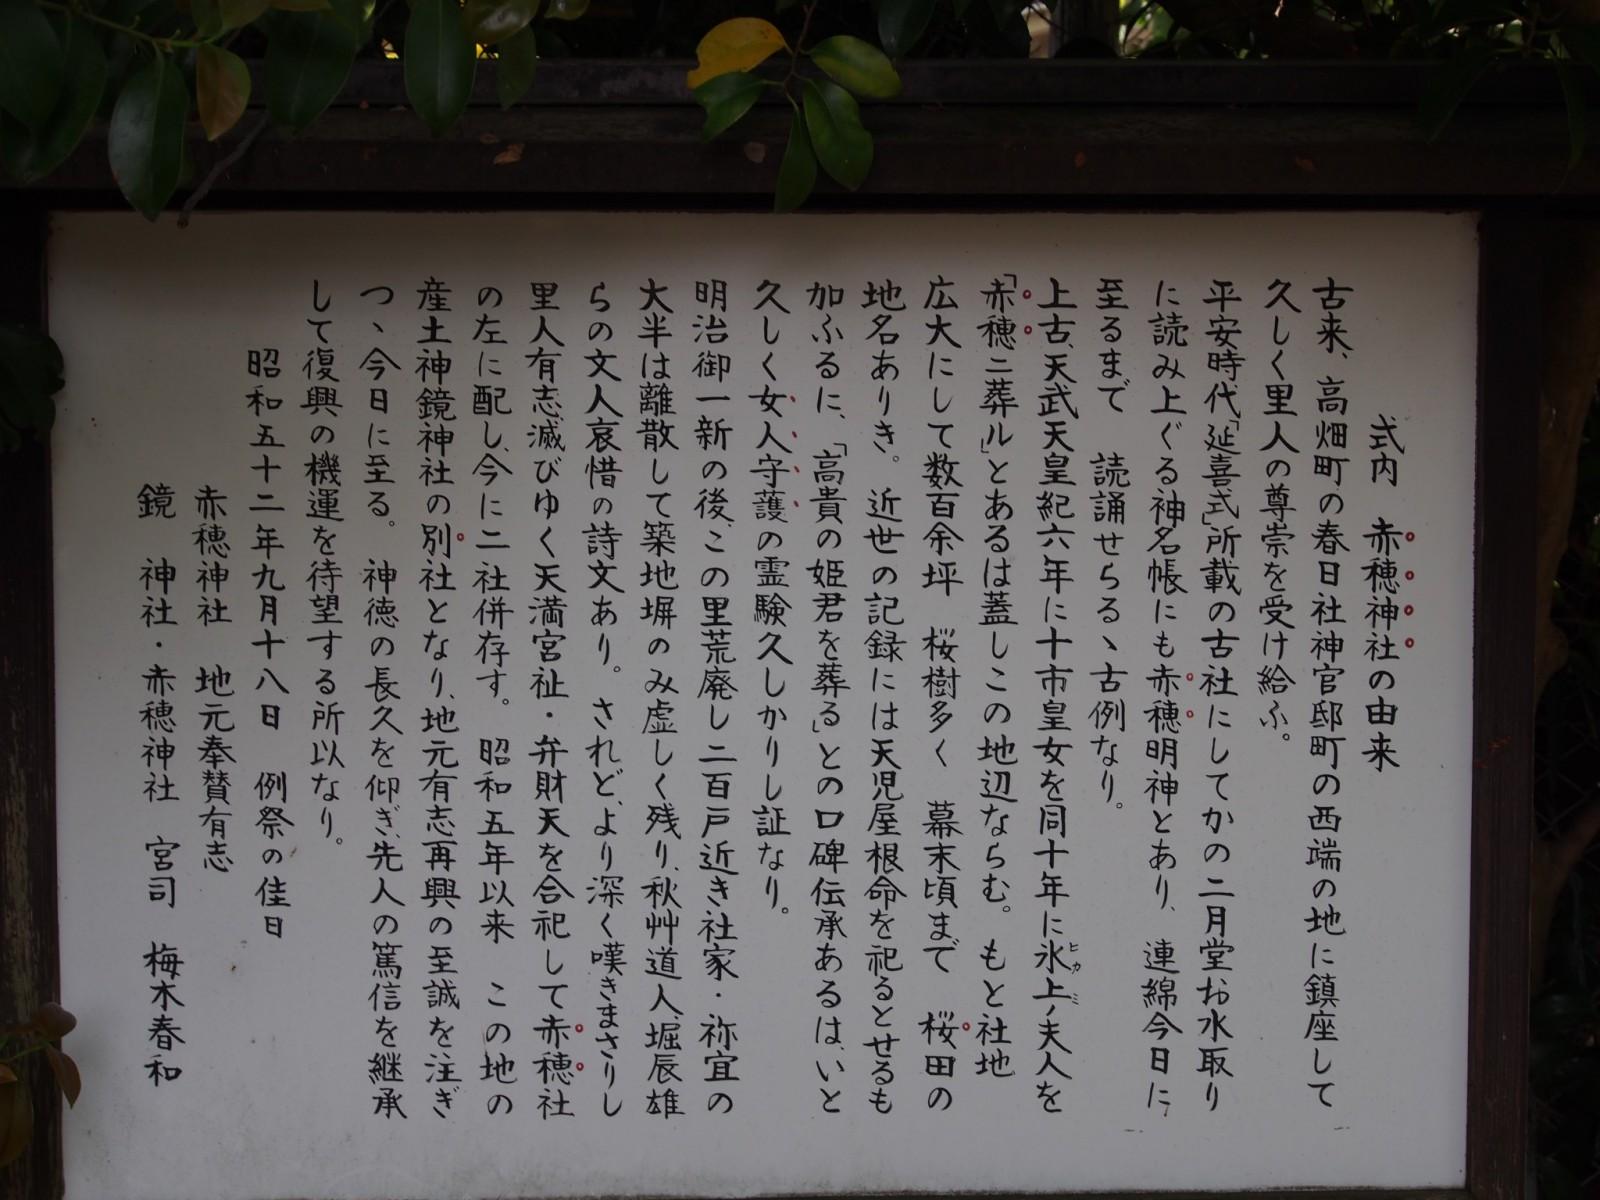 赤穂神社の由来を記した案内板